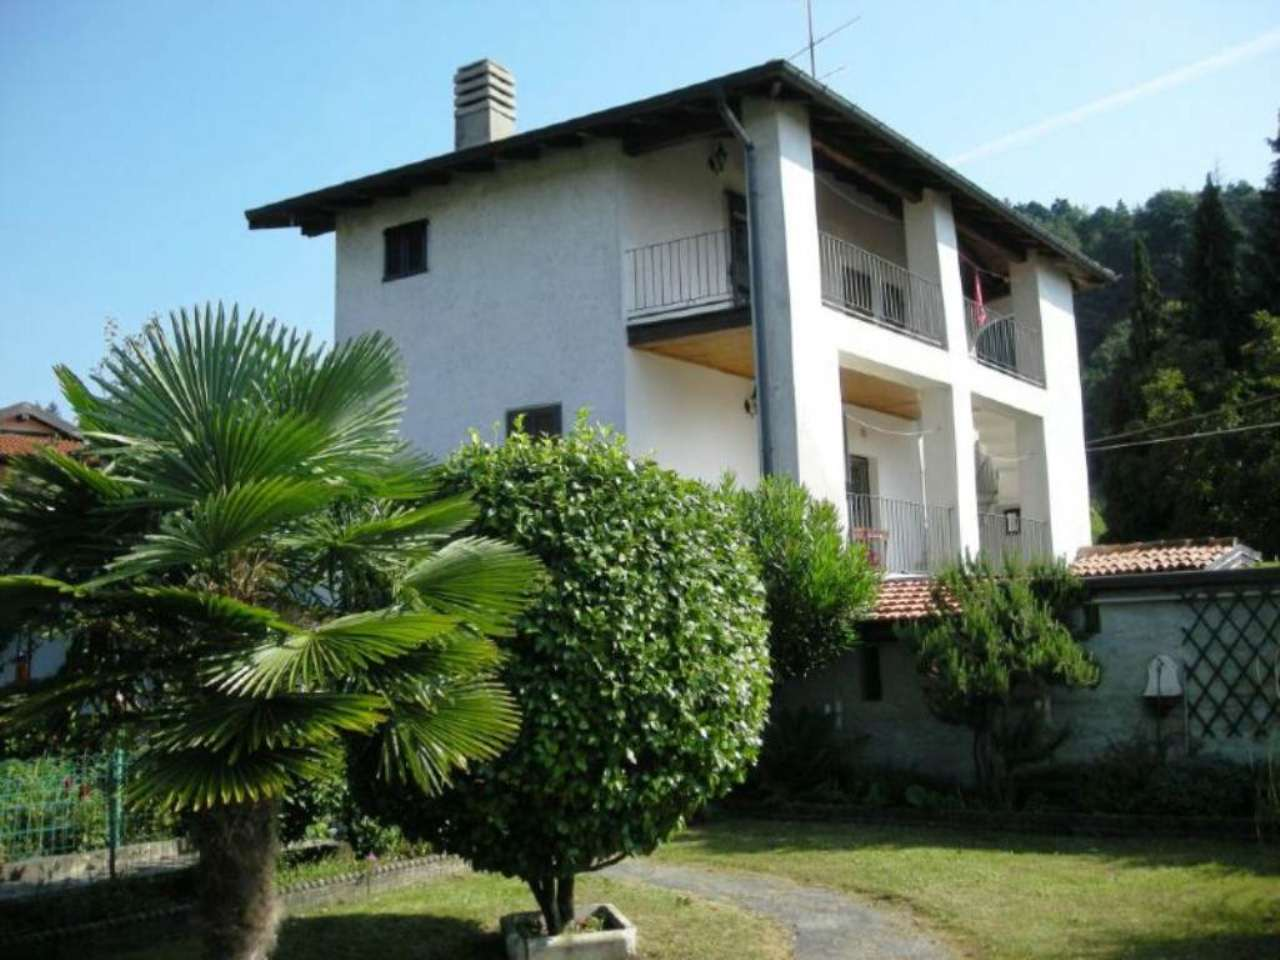 Casa indipendente in Vendita a Montegrino Valtravaglia: 5 locali, 140 mq